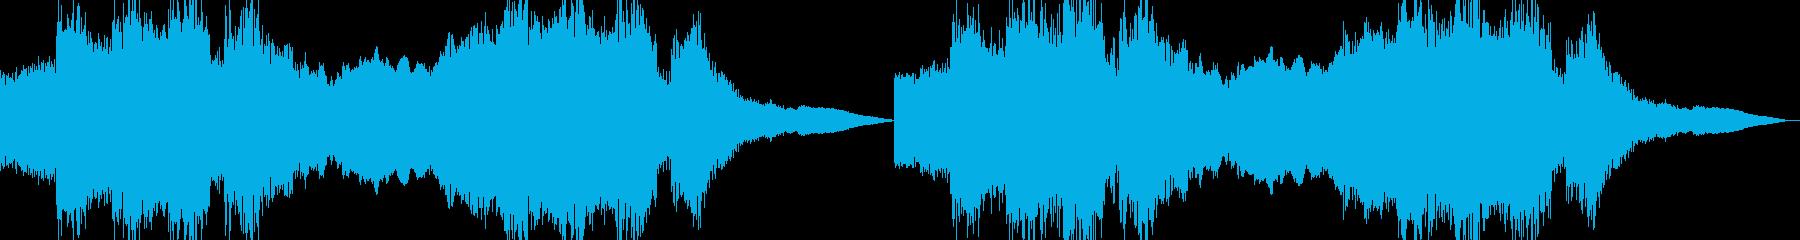 サイレン siren 警報 アラート14の再生済みの波形